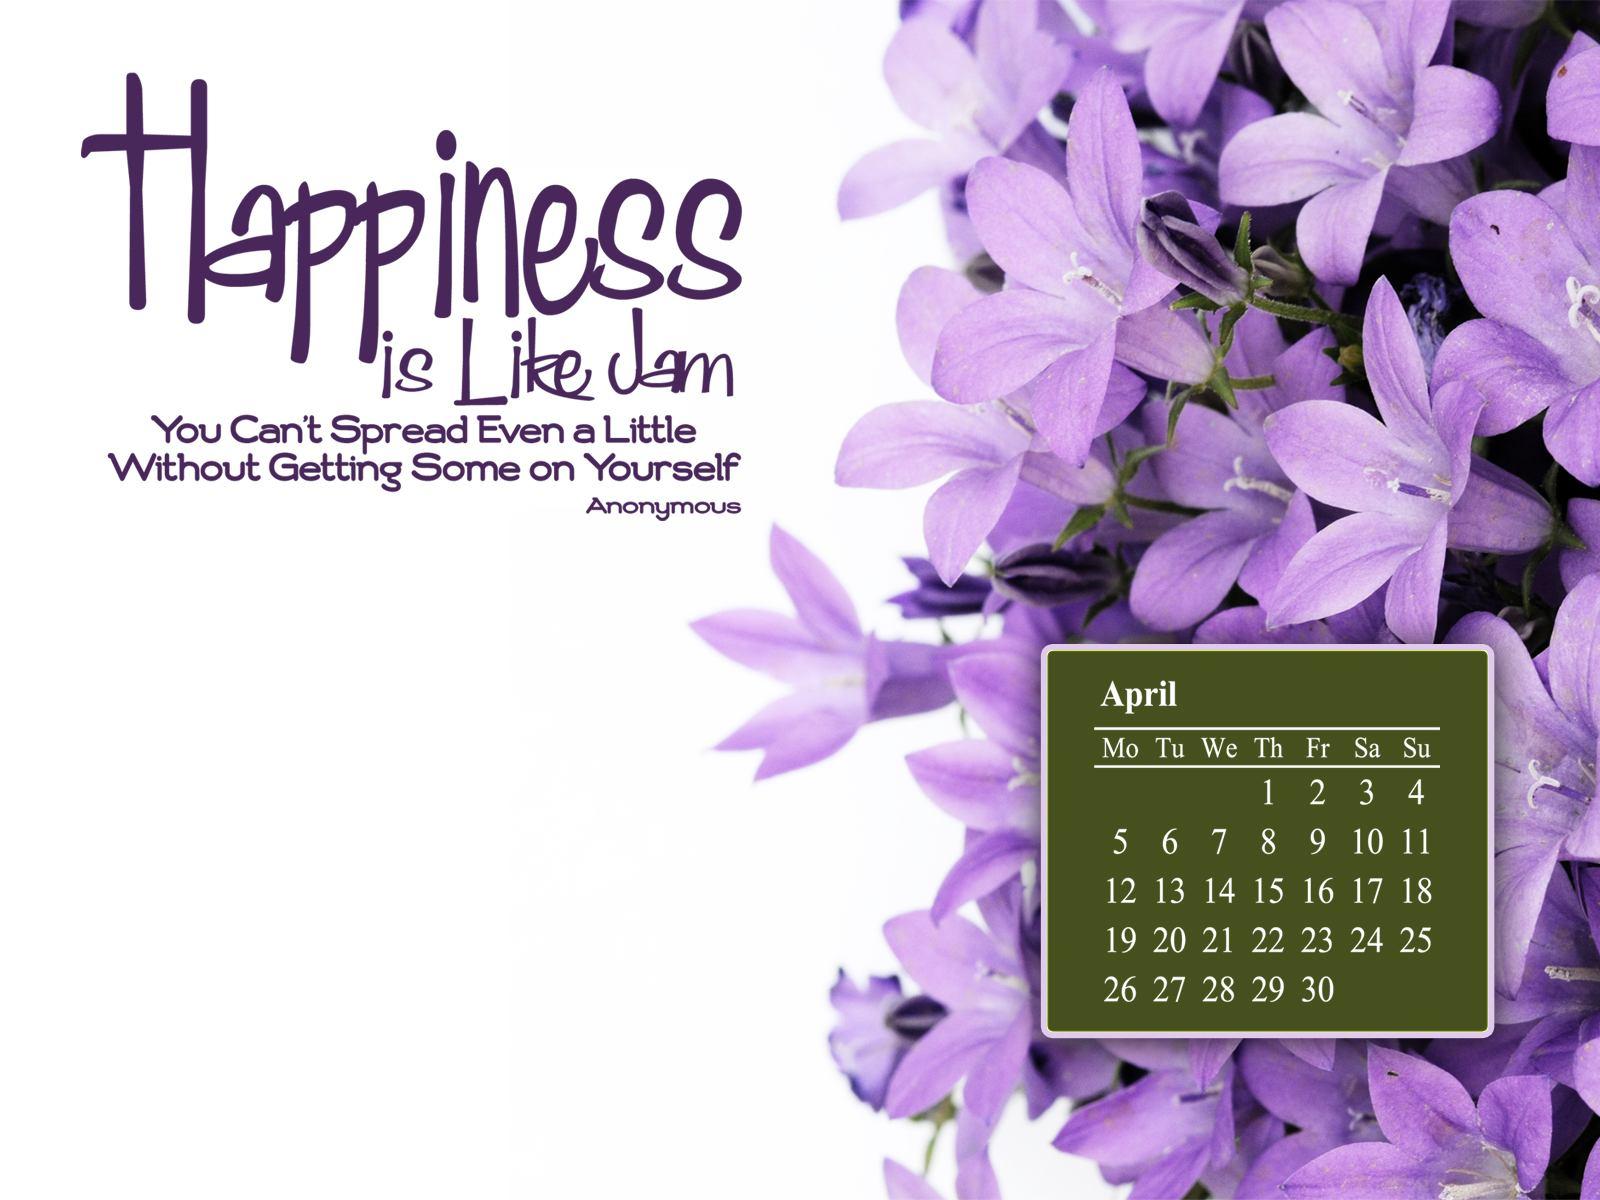 April 2010 Calendar Desktop Wallpaper 1 1600x1200